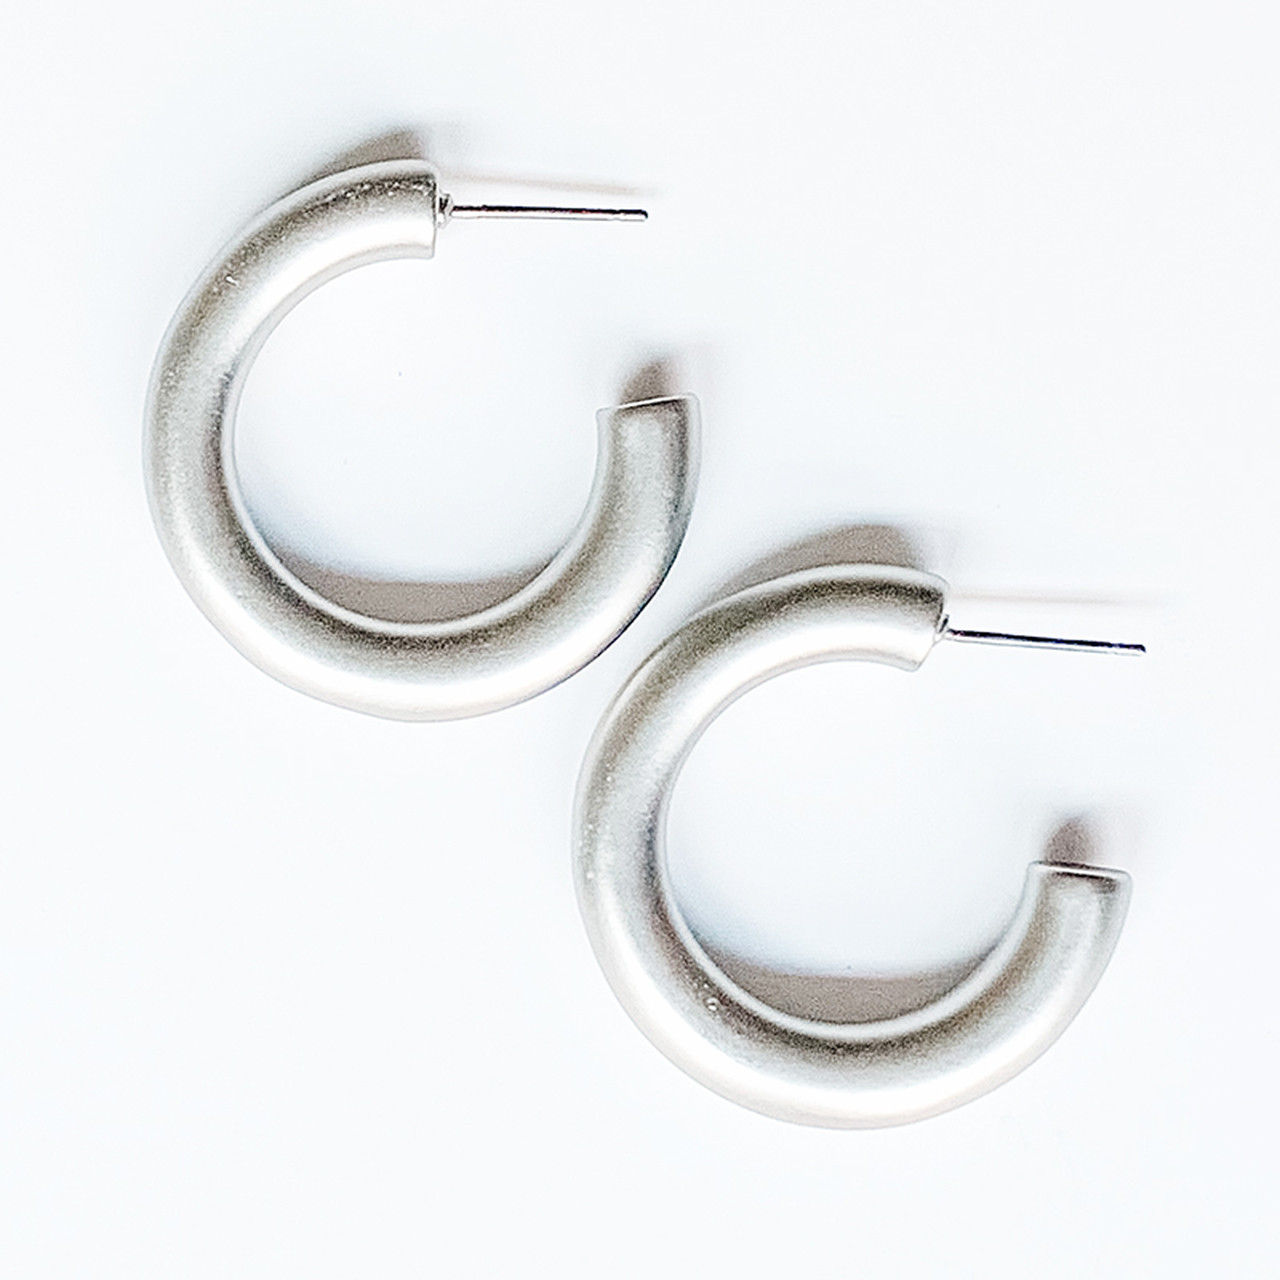 Thick silver metal hoop earrings, Nickel and lead free.